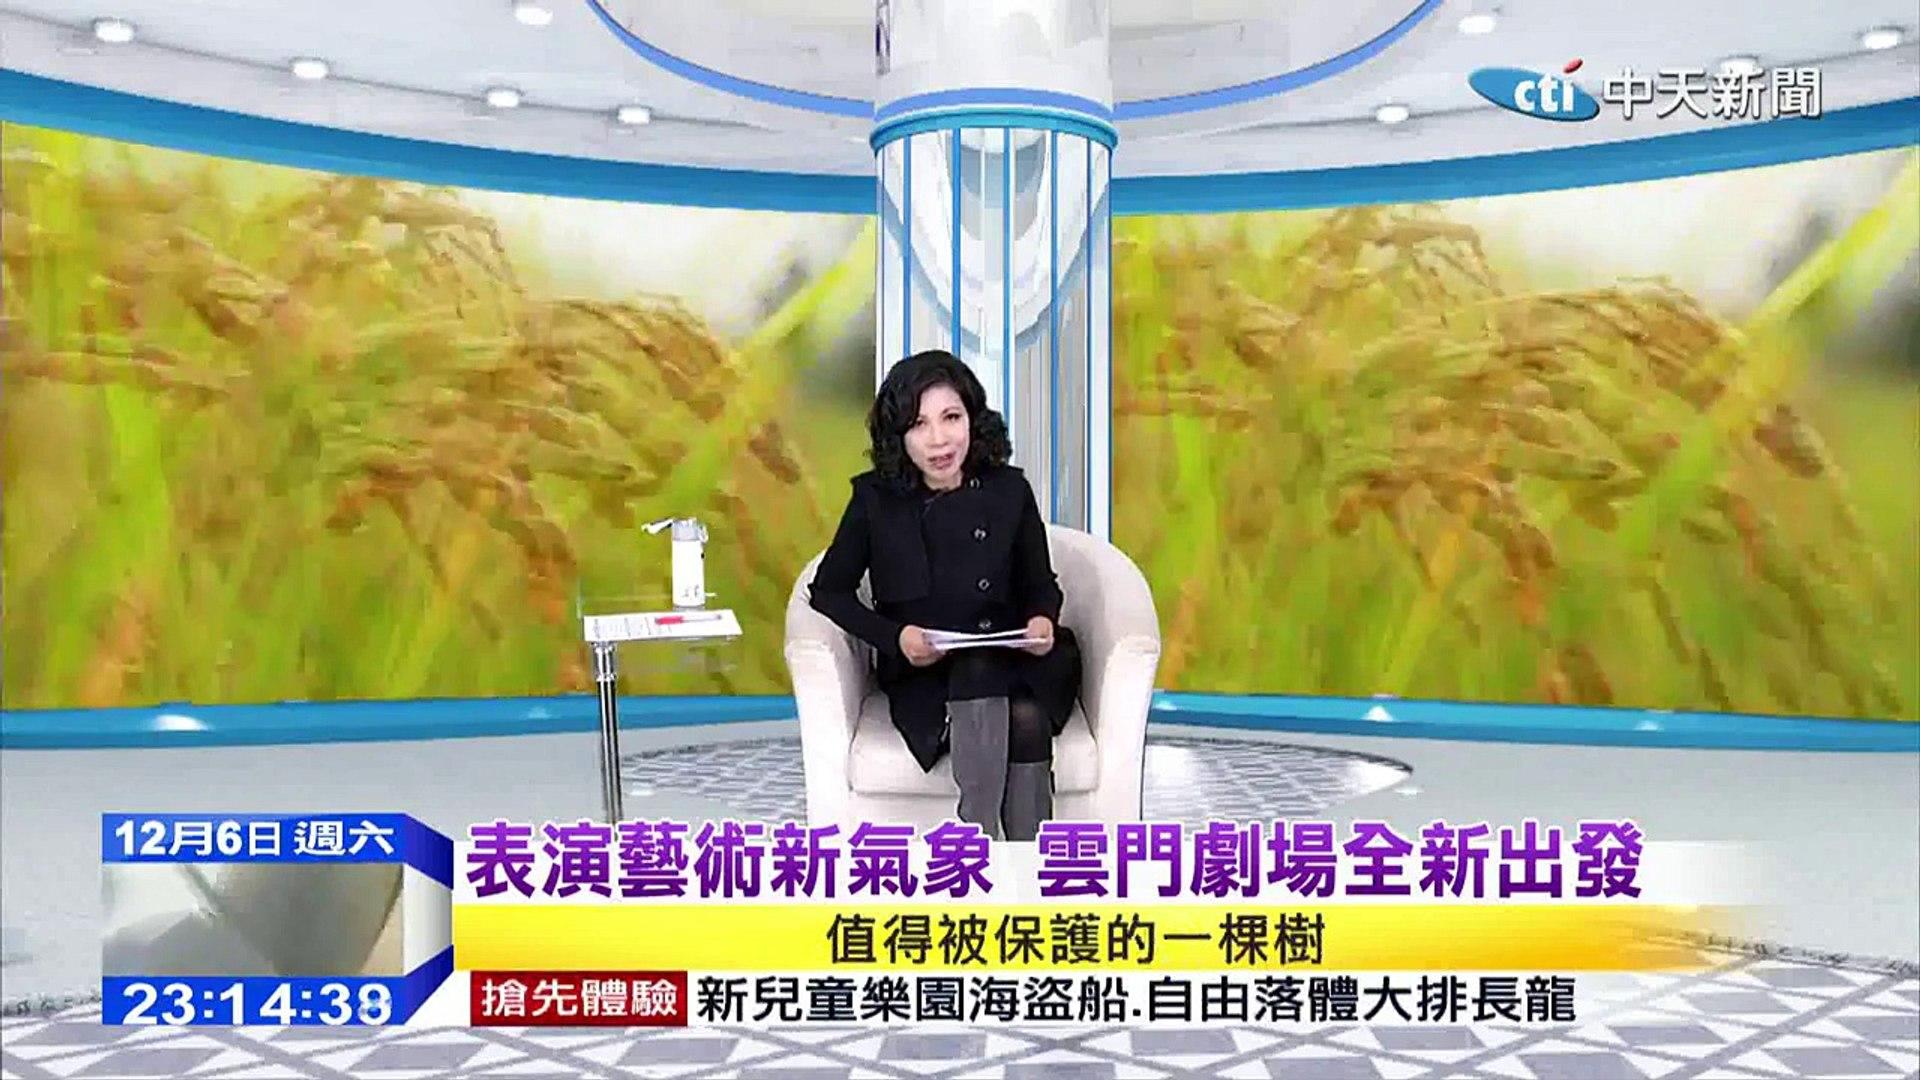 2014.12.06中天的夢想驛站/雲門北京大劇院首演松煙 三場滿席